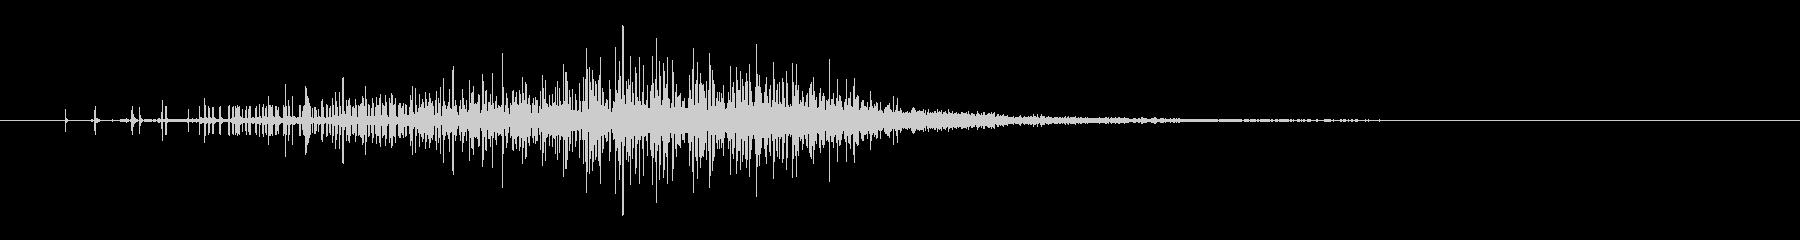 ノイズ音(不気味)2の未再生の波形